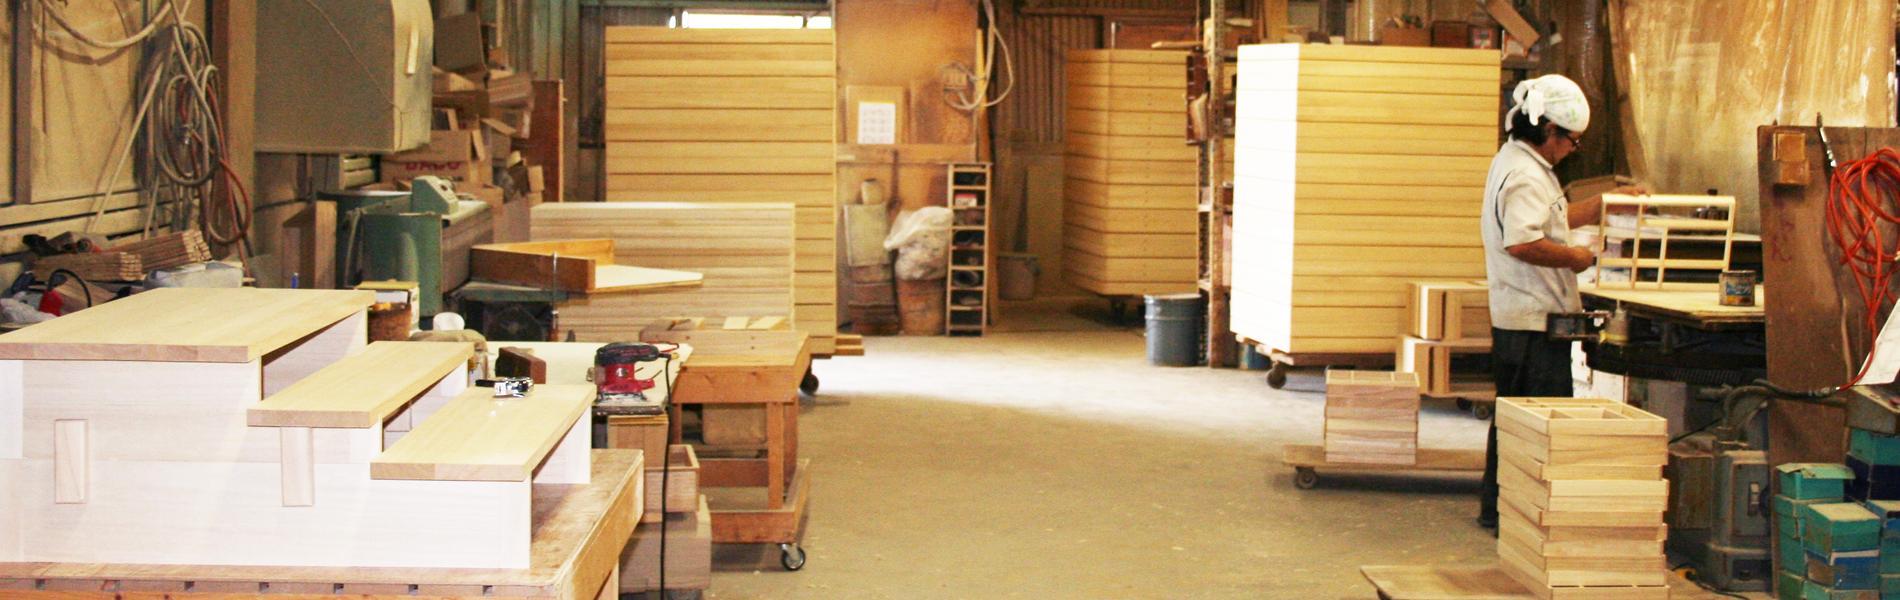 BtoB 企業間取引 府中家具 家具パーツ 家具部品 引出し 抽斗 OEM アリ組 桐材